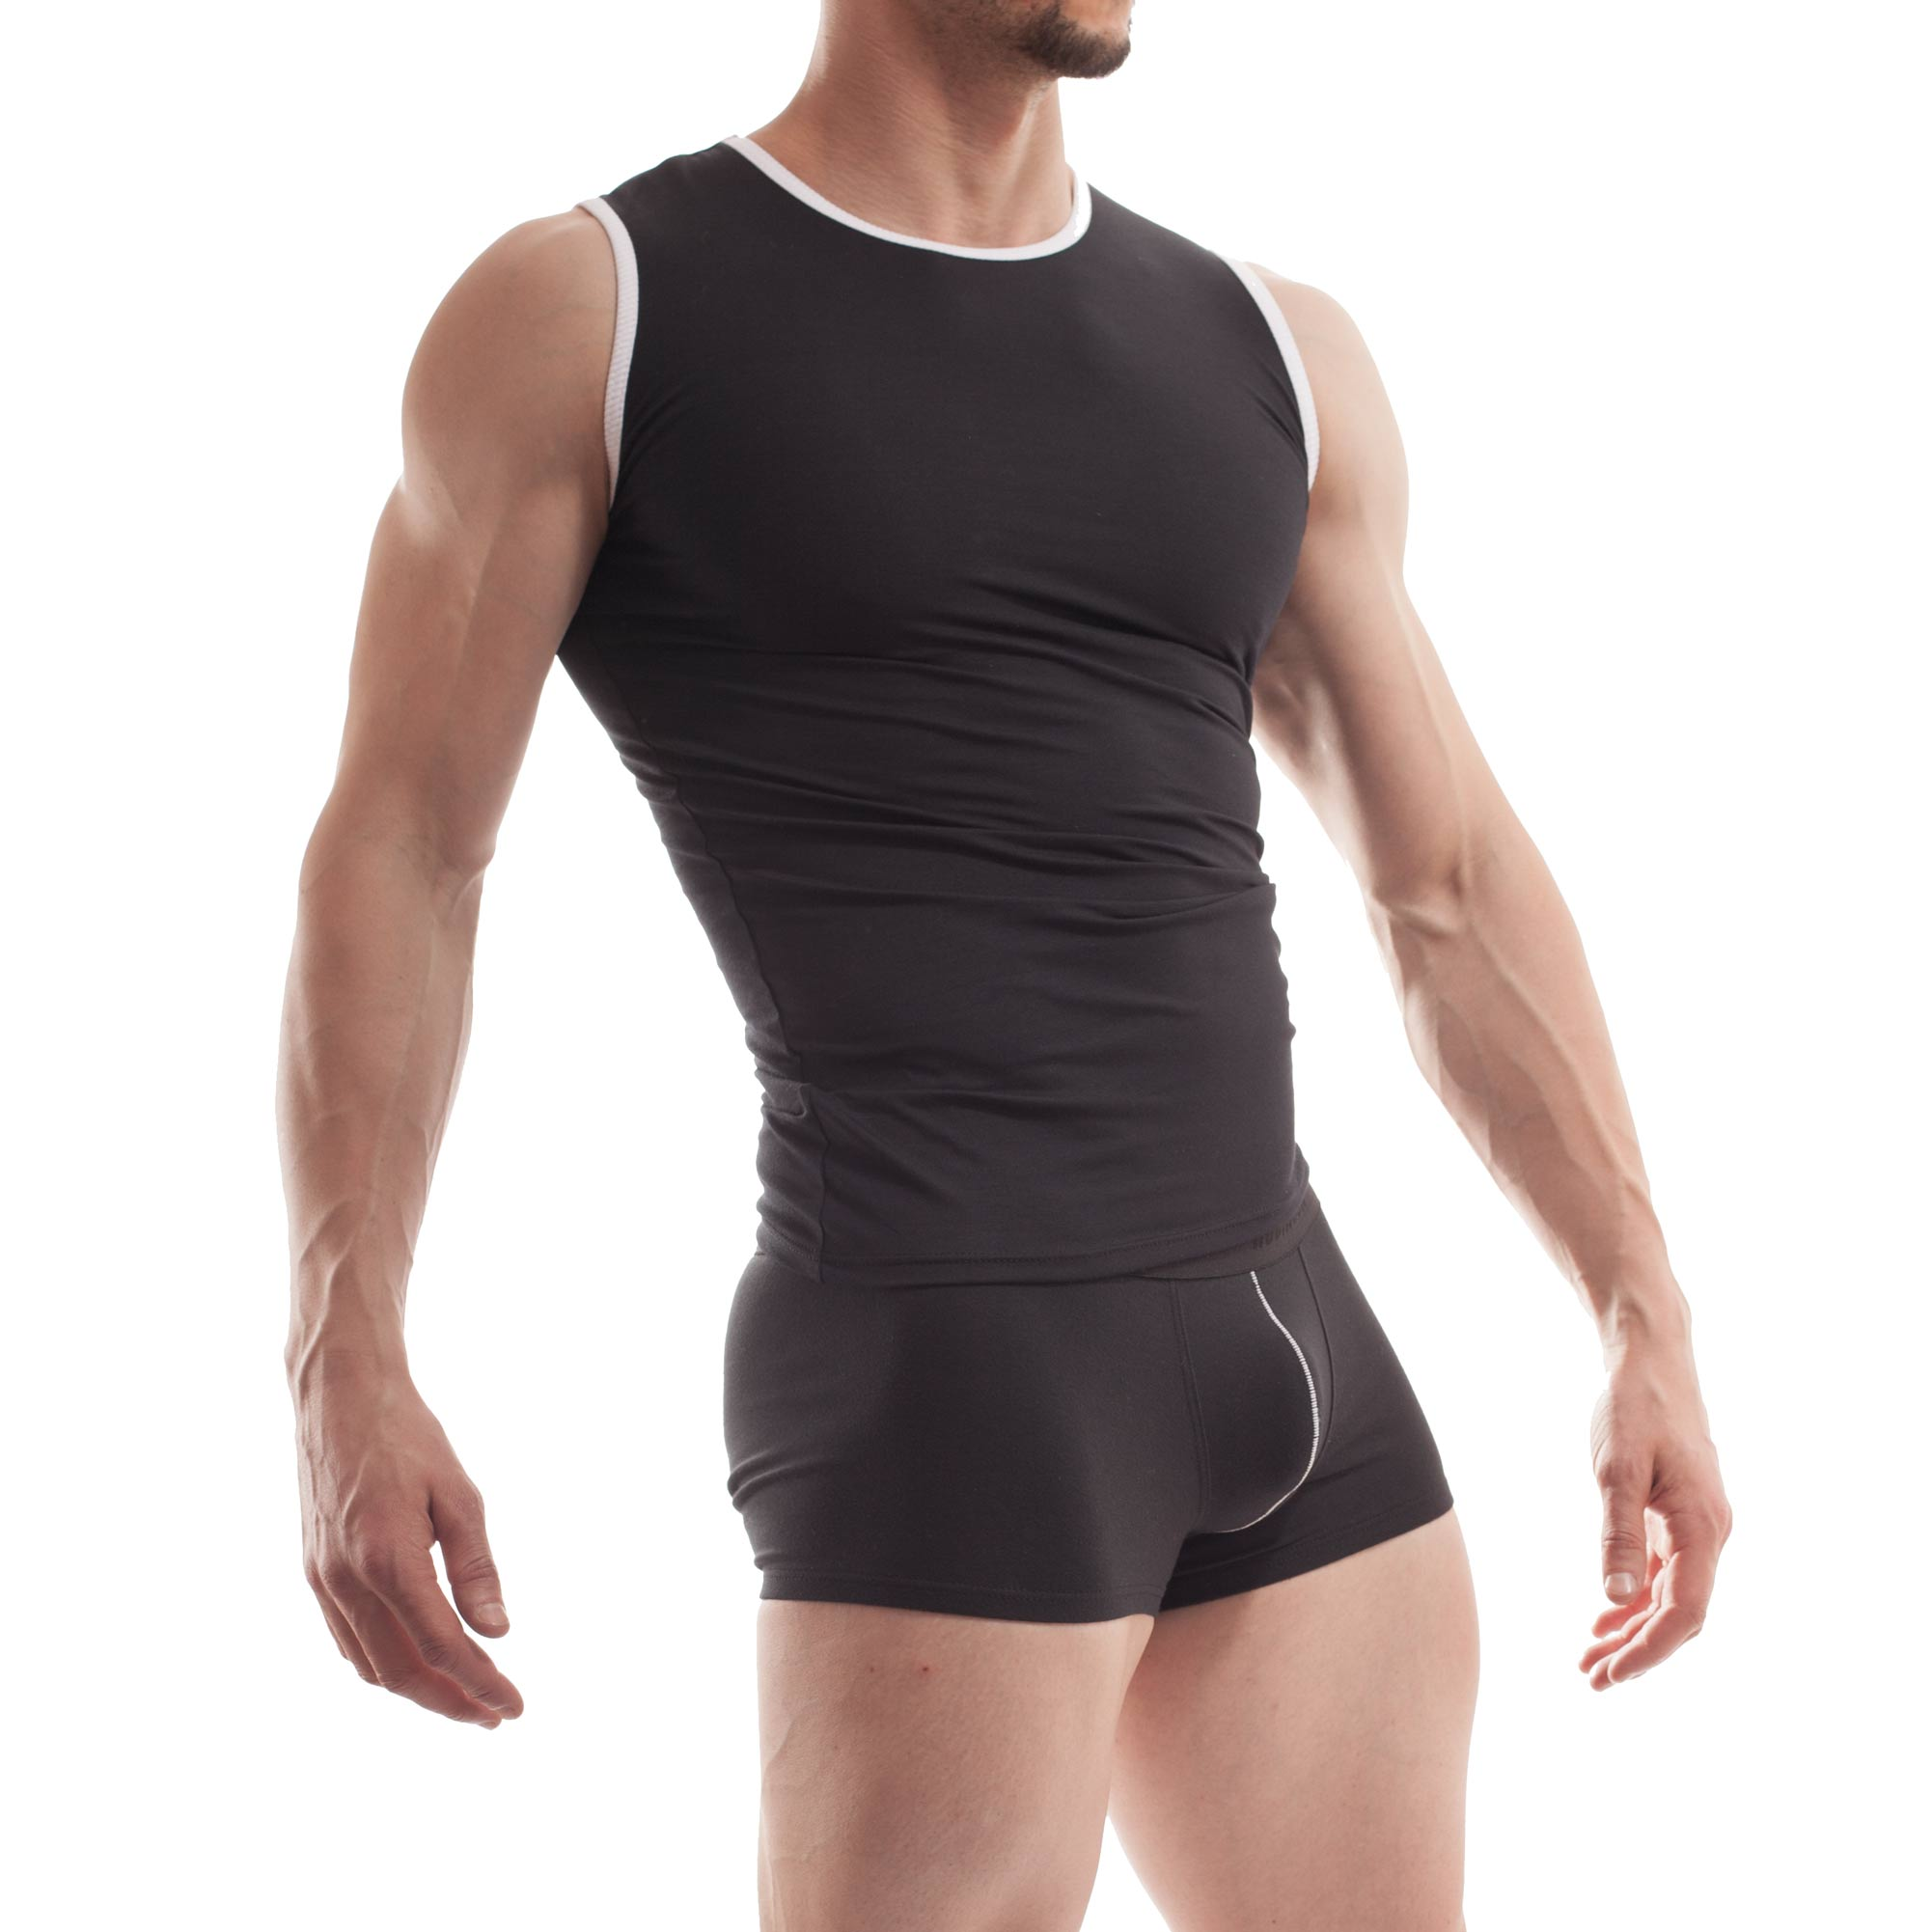 Das Baumwoll Shirt 338TXX wird immer frisch auf Bestellung produziert und gehört damit in die WOJOER LIVE-Kategorie. Größen Erhältlich in den Größen S, M, L, XL Materialzusammensetzung 95% Baumwolle, 5% Elasthan  Besonderheiten LIVE-Produkt | atmungsaktiv | nimmt viel Feuchtigkeit auf | angenehm weich | bequeme,…